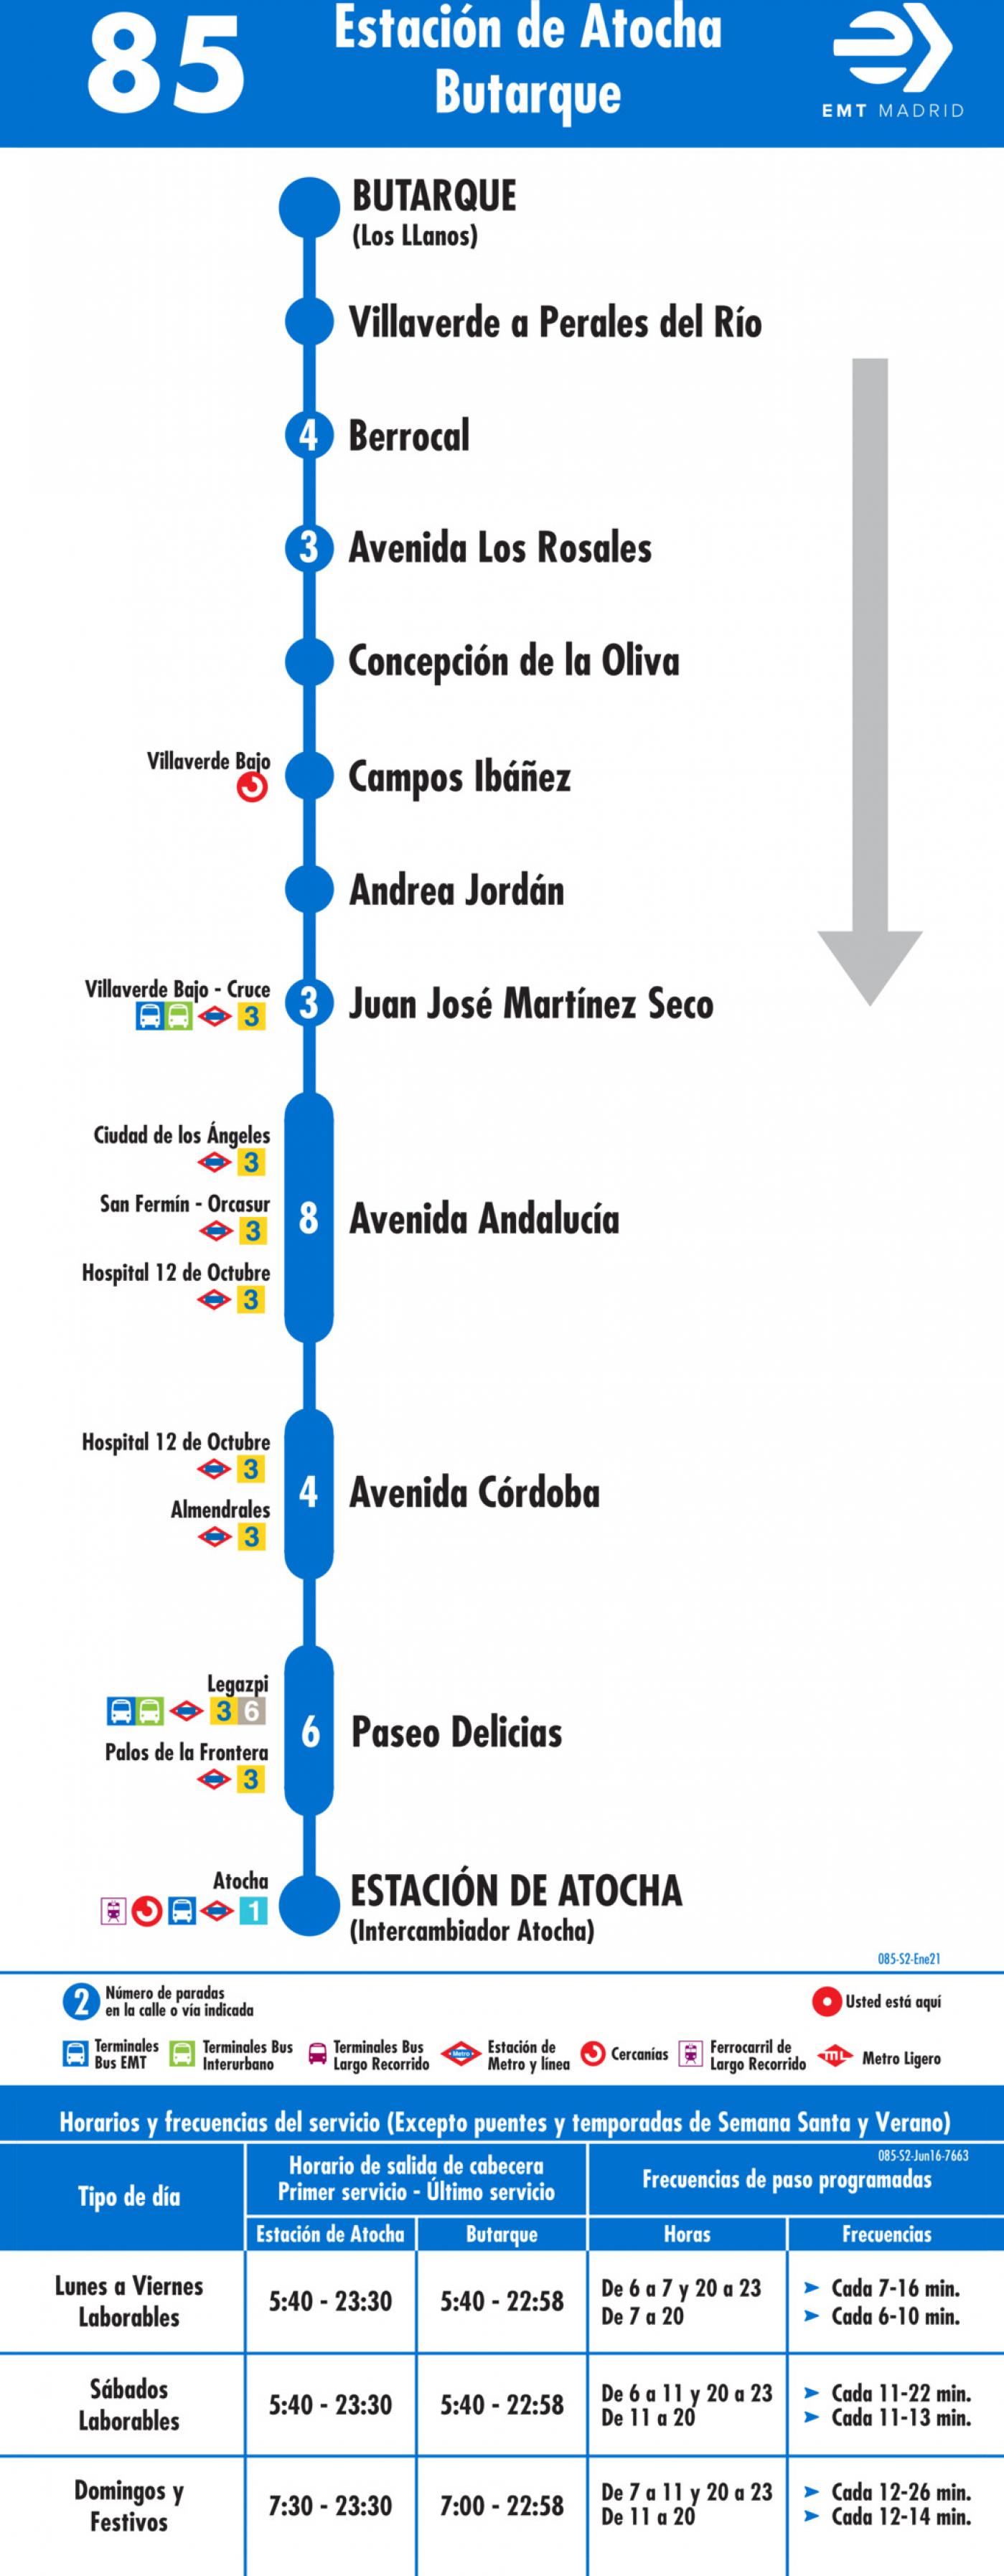 Tabla de horarios y frecuencias de paso en sentido vuelta Línea 85: Atocha - Barrio de los Rosales